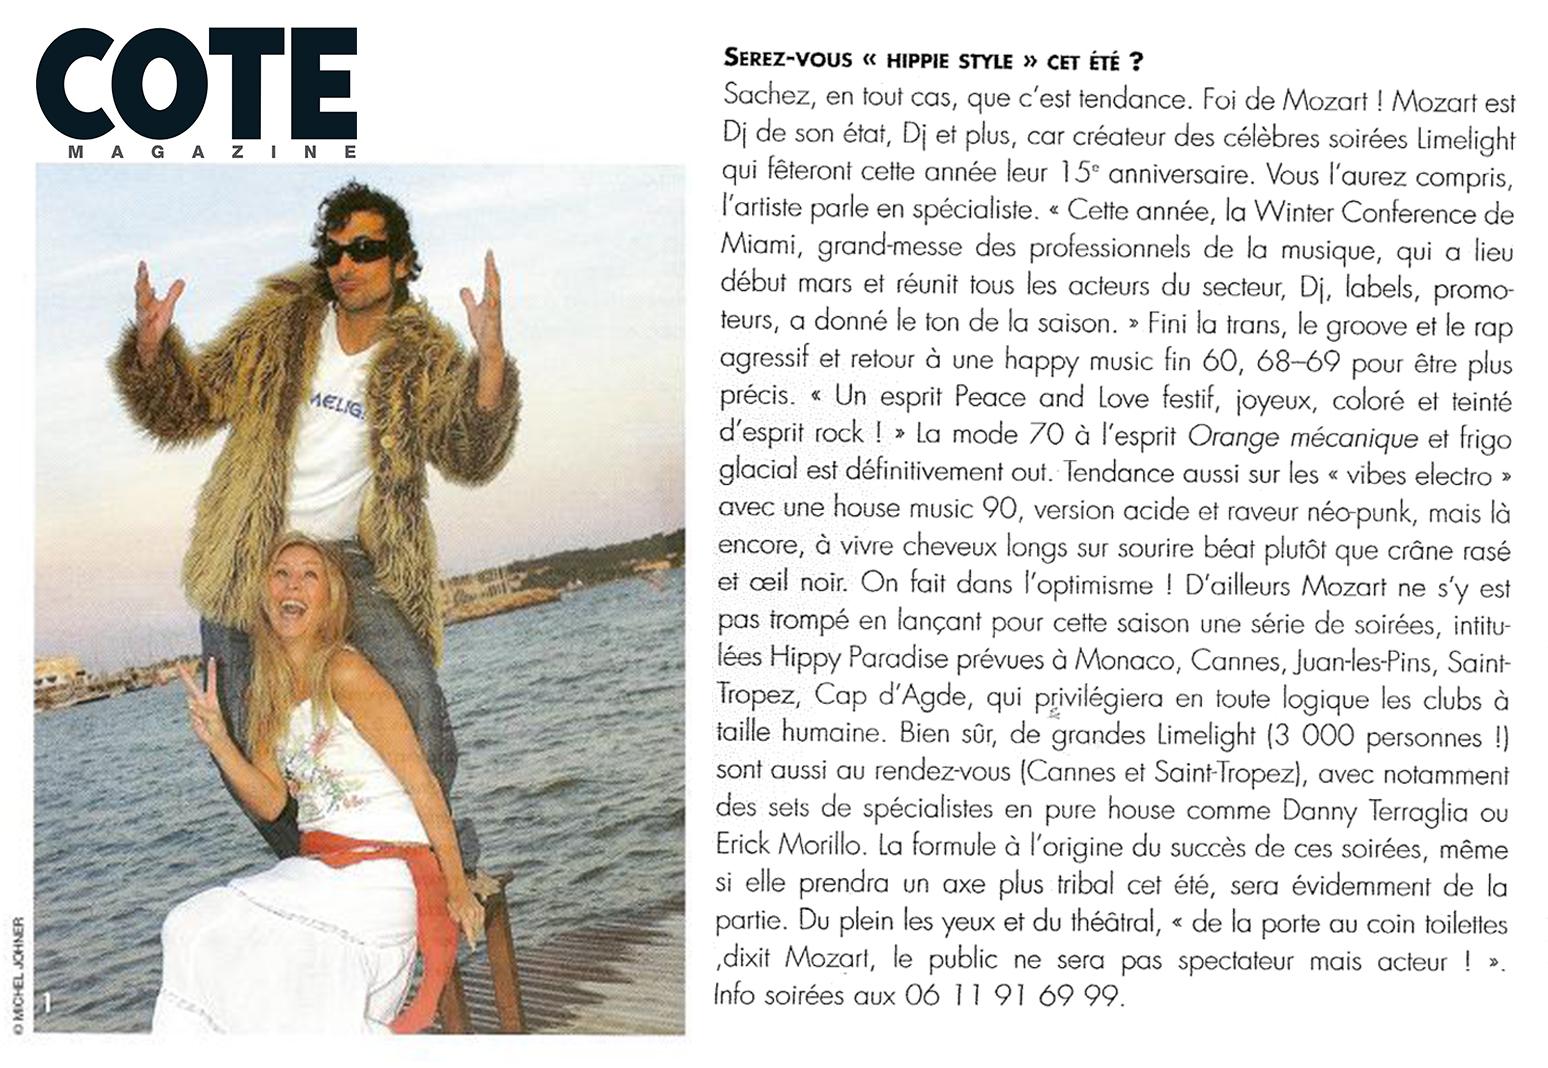 2005 COTE MAGAZINE V2